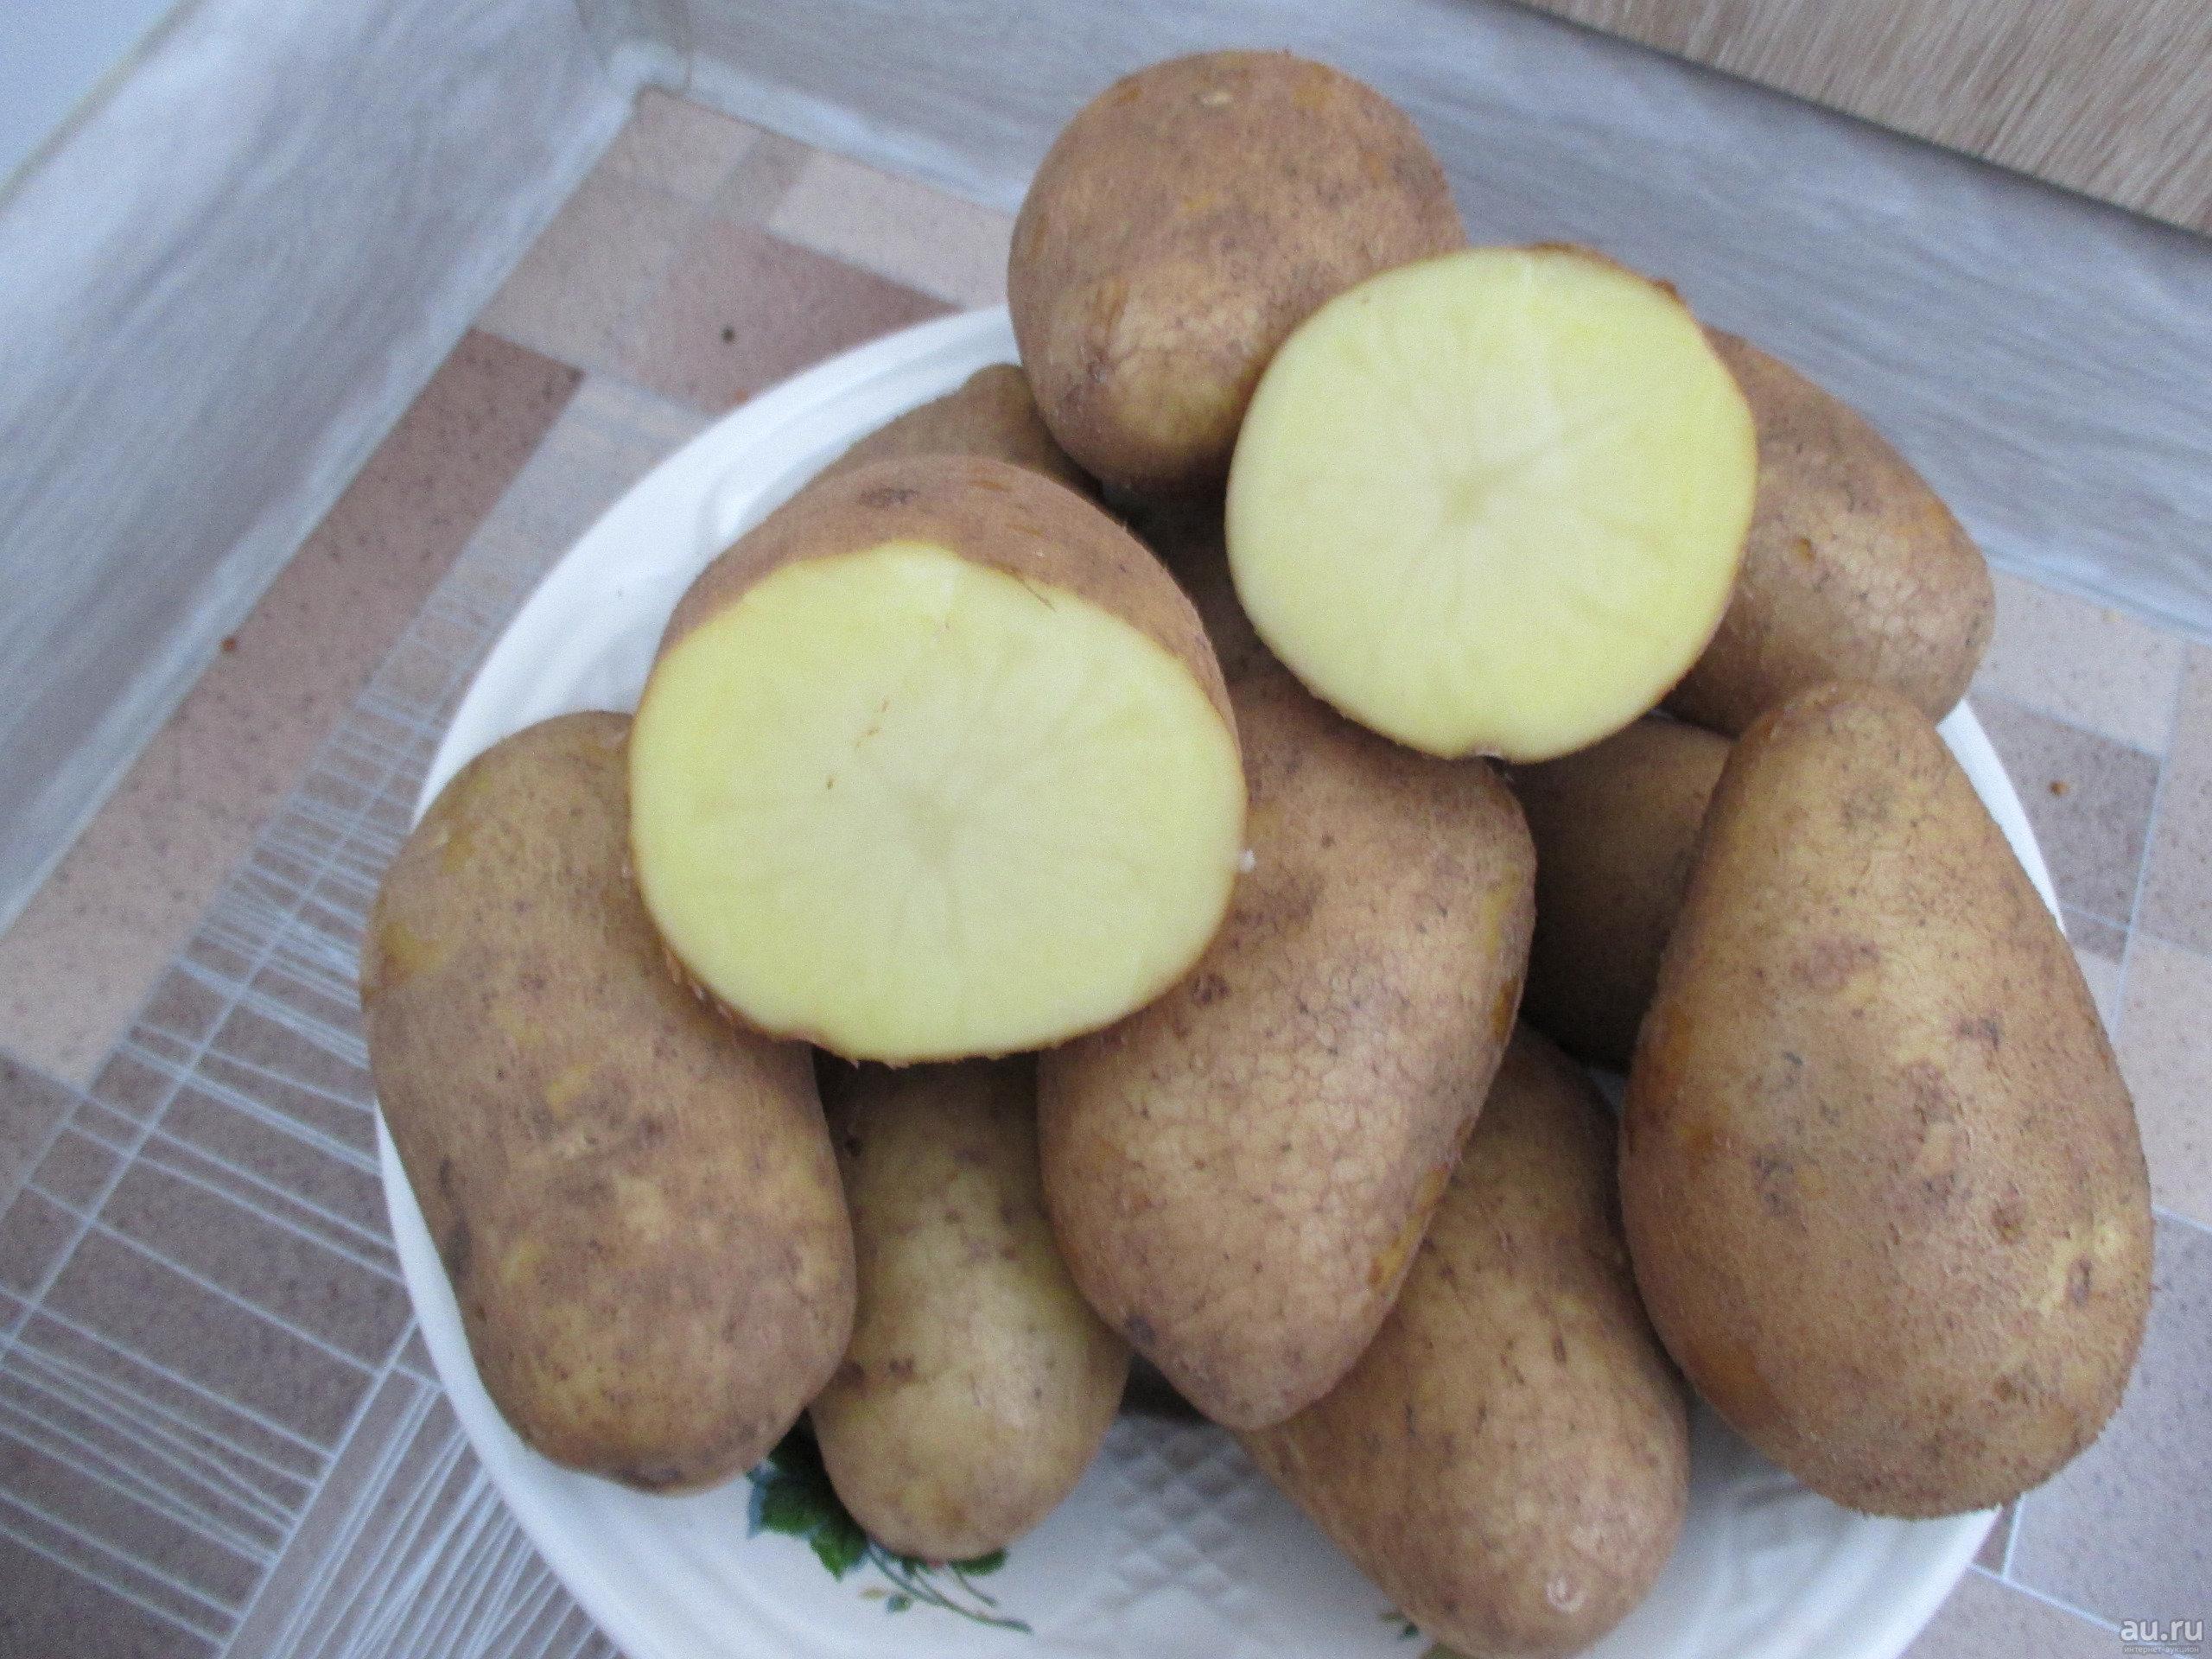 Губернаторский картофель «тулеевский» : описание сорта, фото, характеристика, особенности